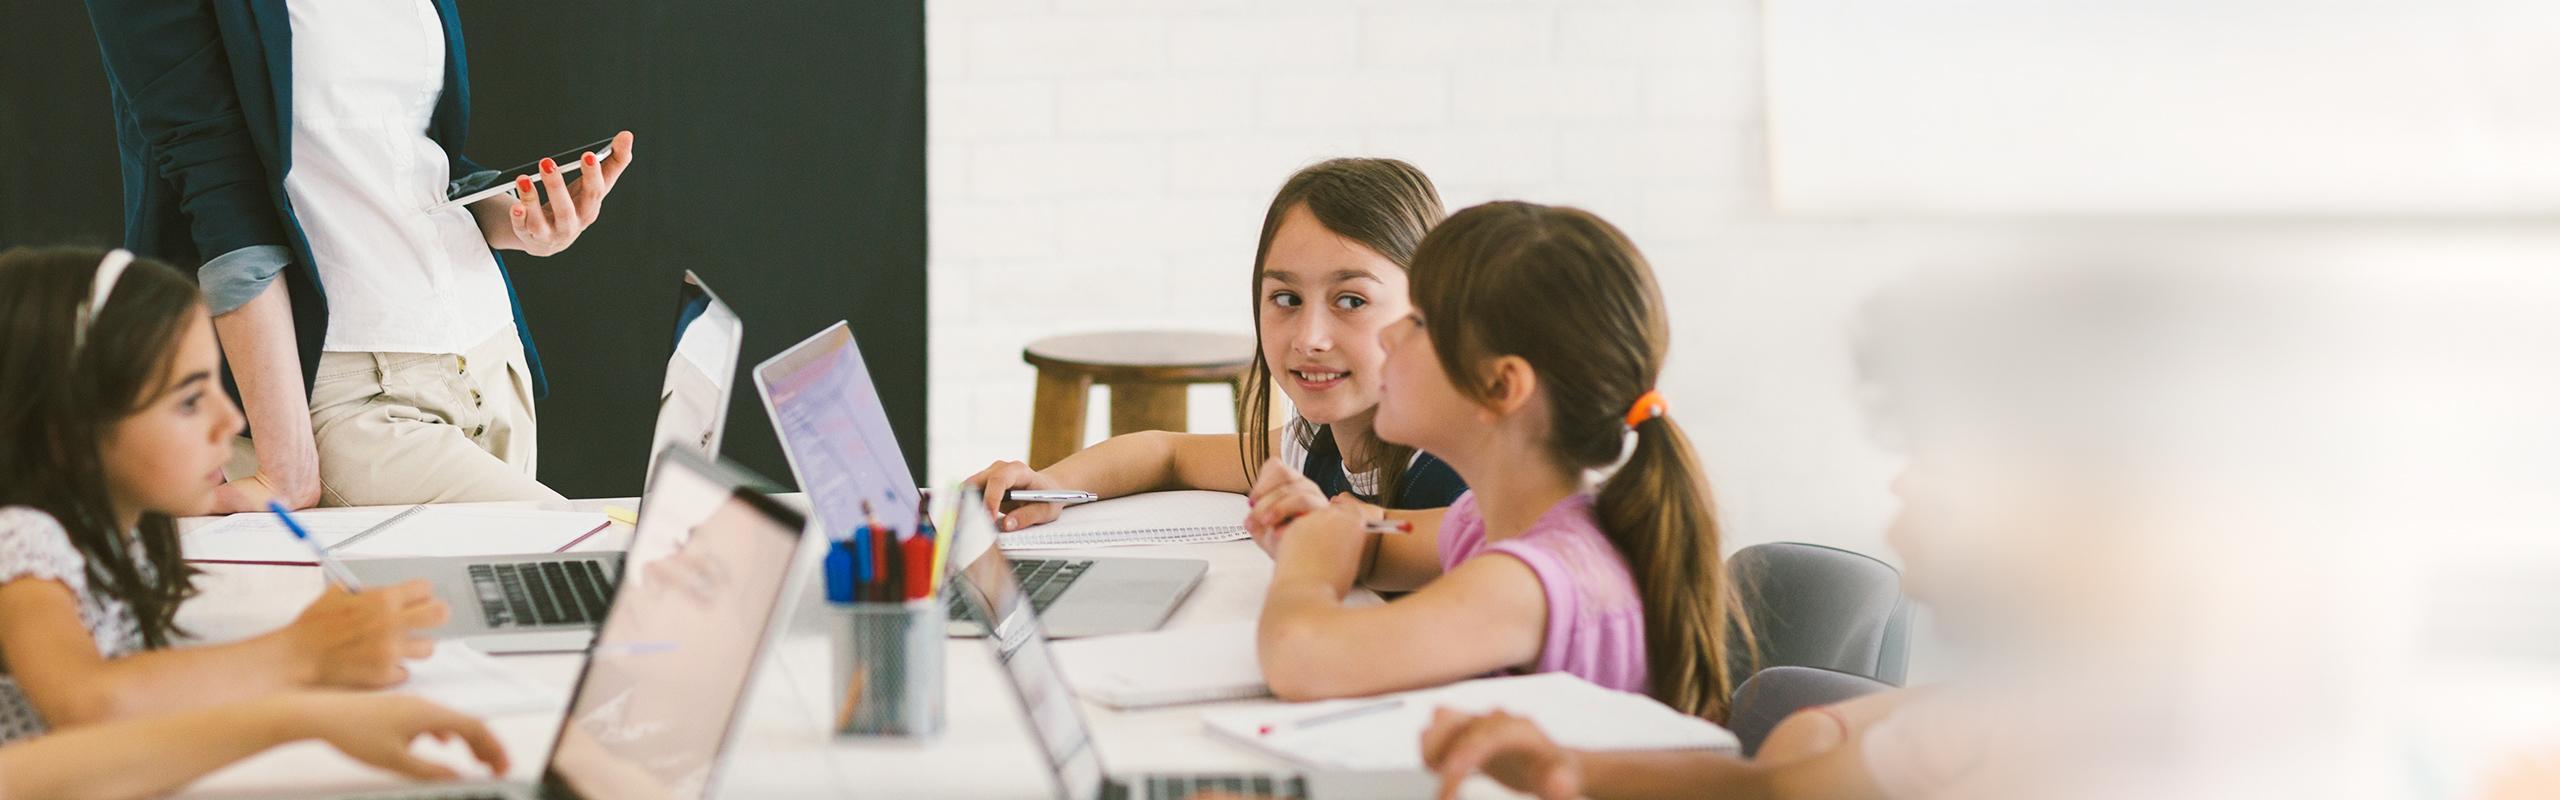 BRITA Wasserspender für Schulen – Klassenzimmer